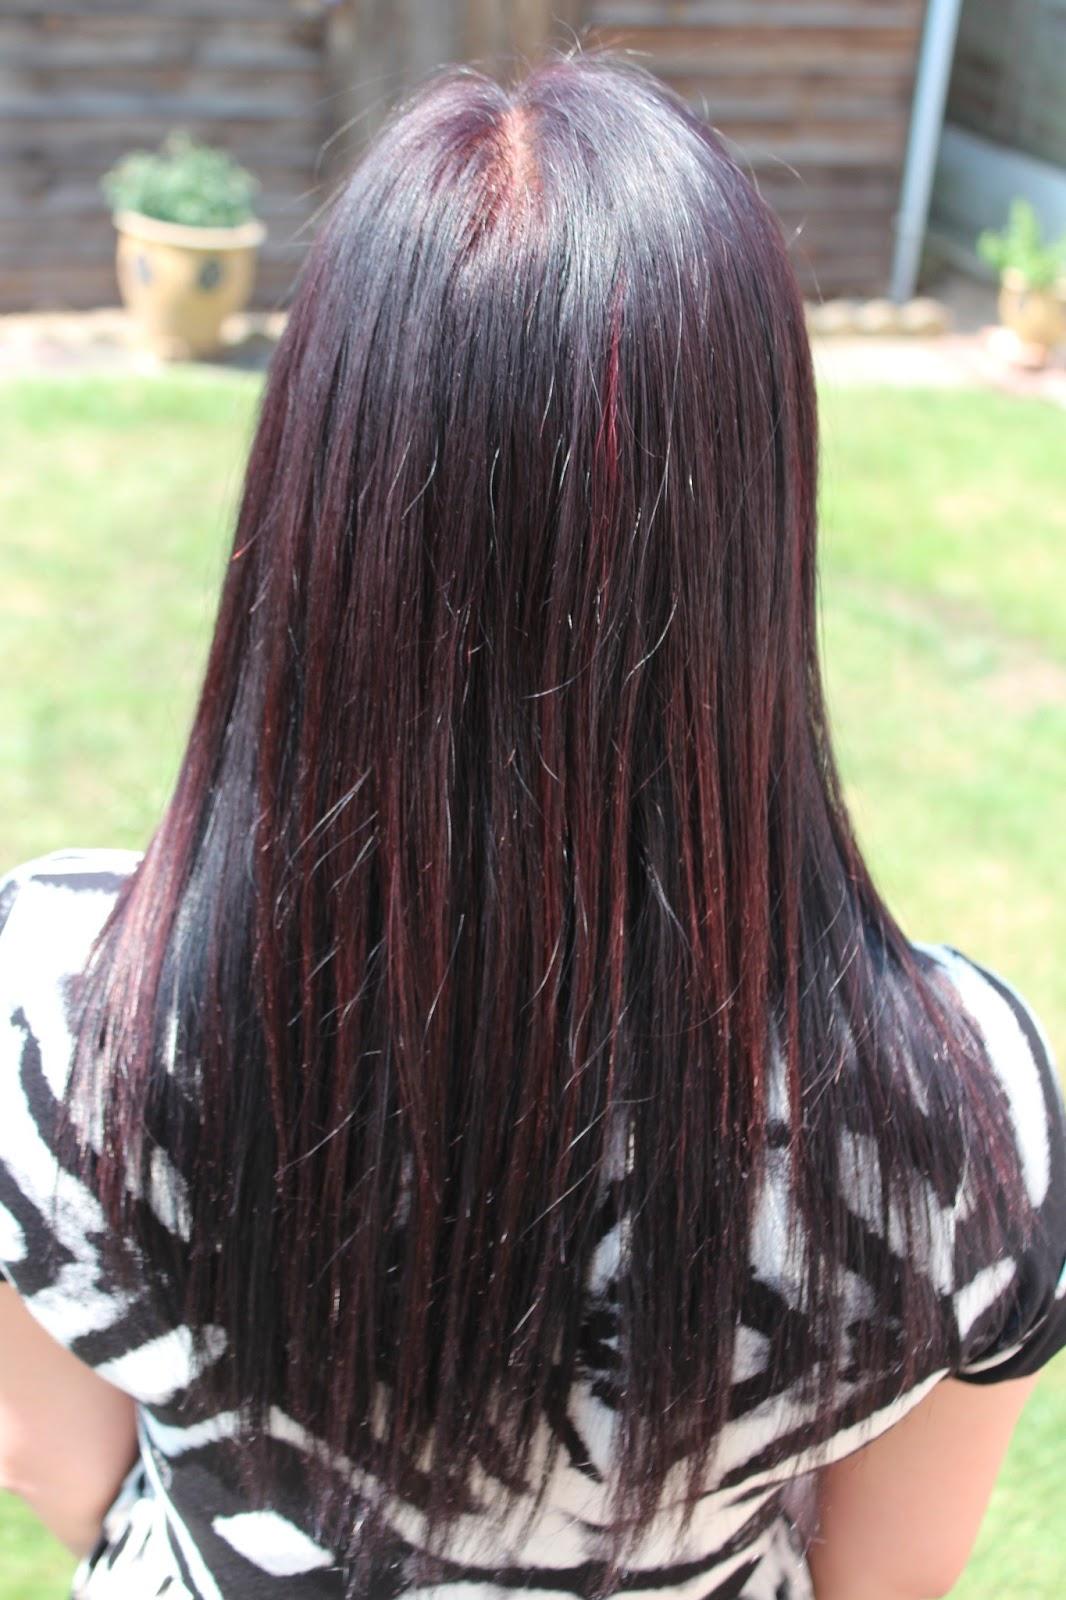 Schwarzkopf Live Color Xxl Hd Intense Colour Hair Dye Review